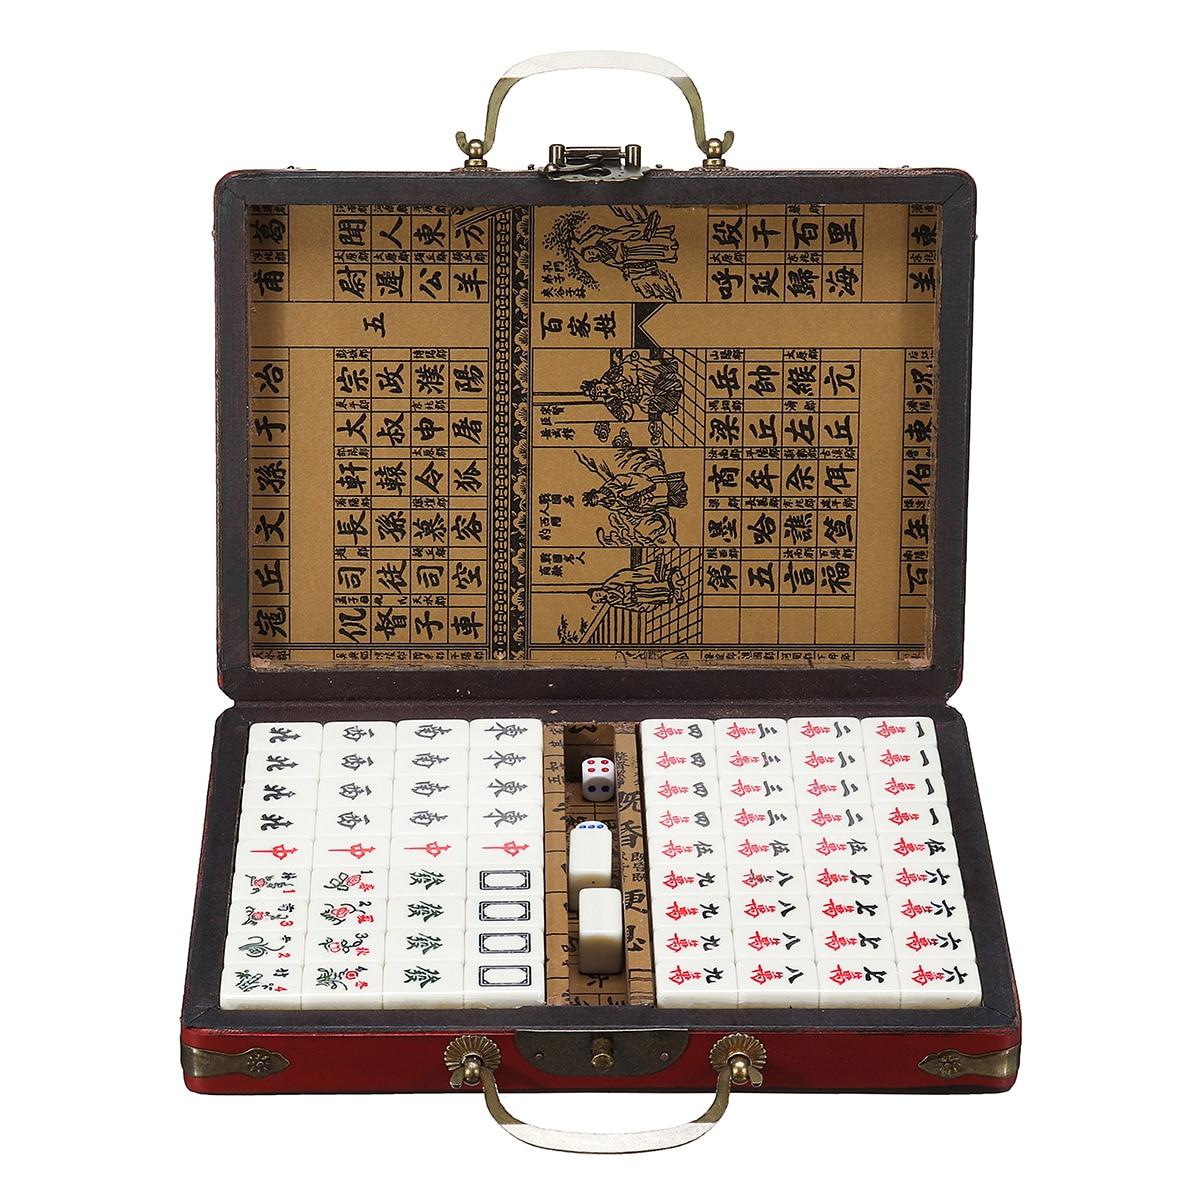 Mah-Jong Set Di Carta di Alta Qualità Giochi 144 Piastrelle Multi-color Portatile Vintage Mahjong Rare Cinese del Giocattolo Con scatola di bambù Regali Del Partito